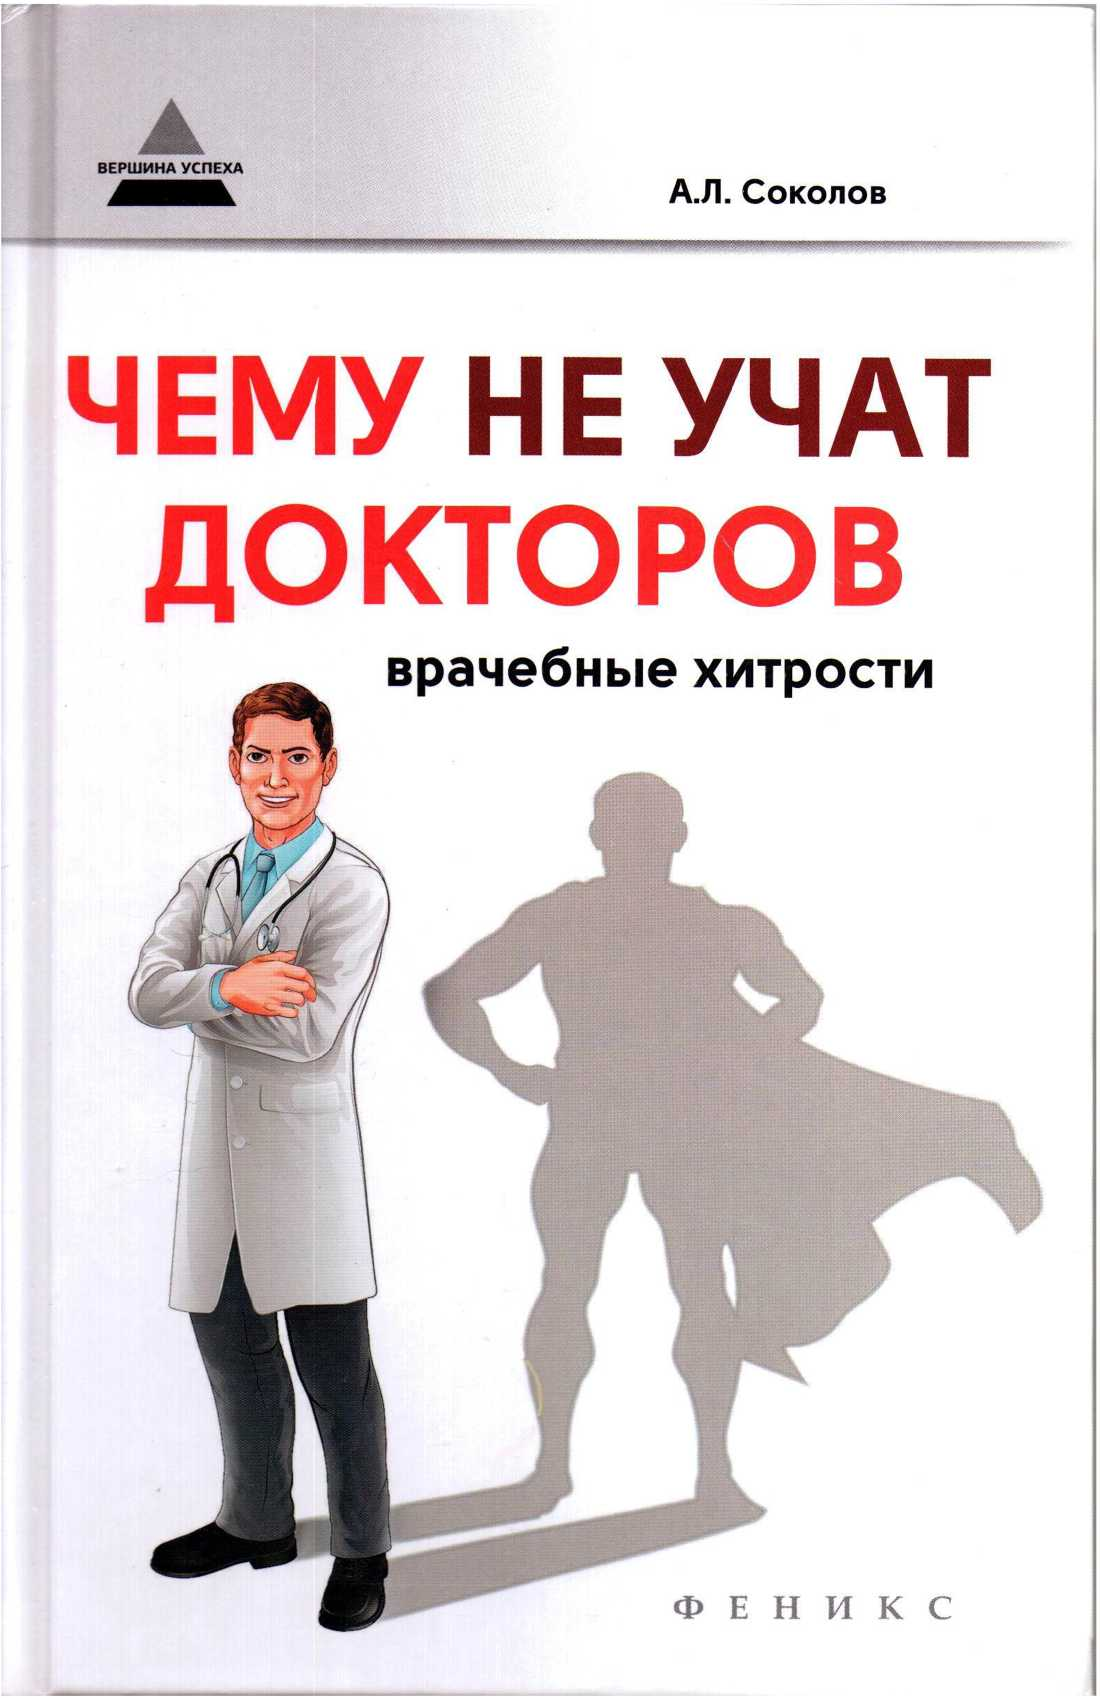 Чему не учат докторов: врачебные хитрости